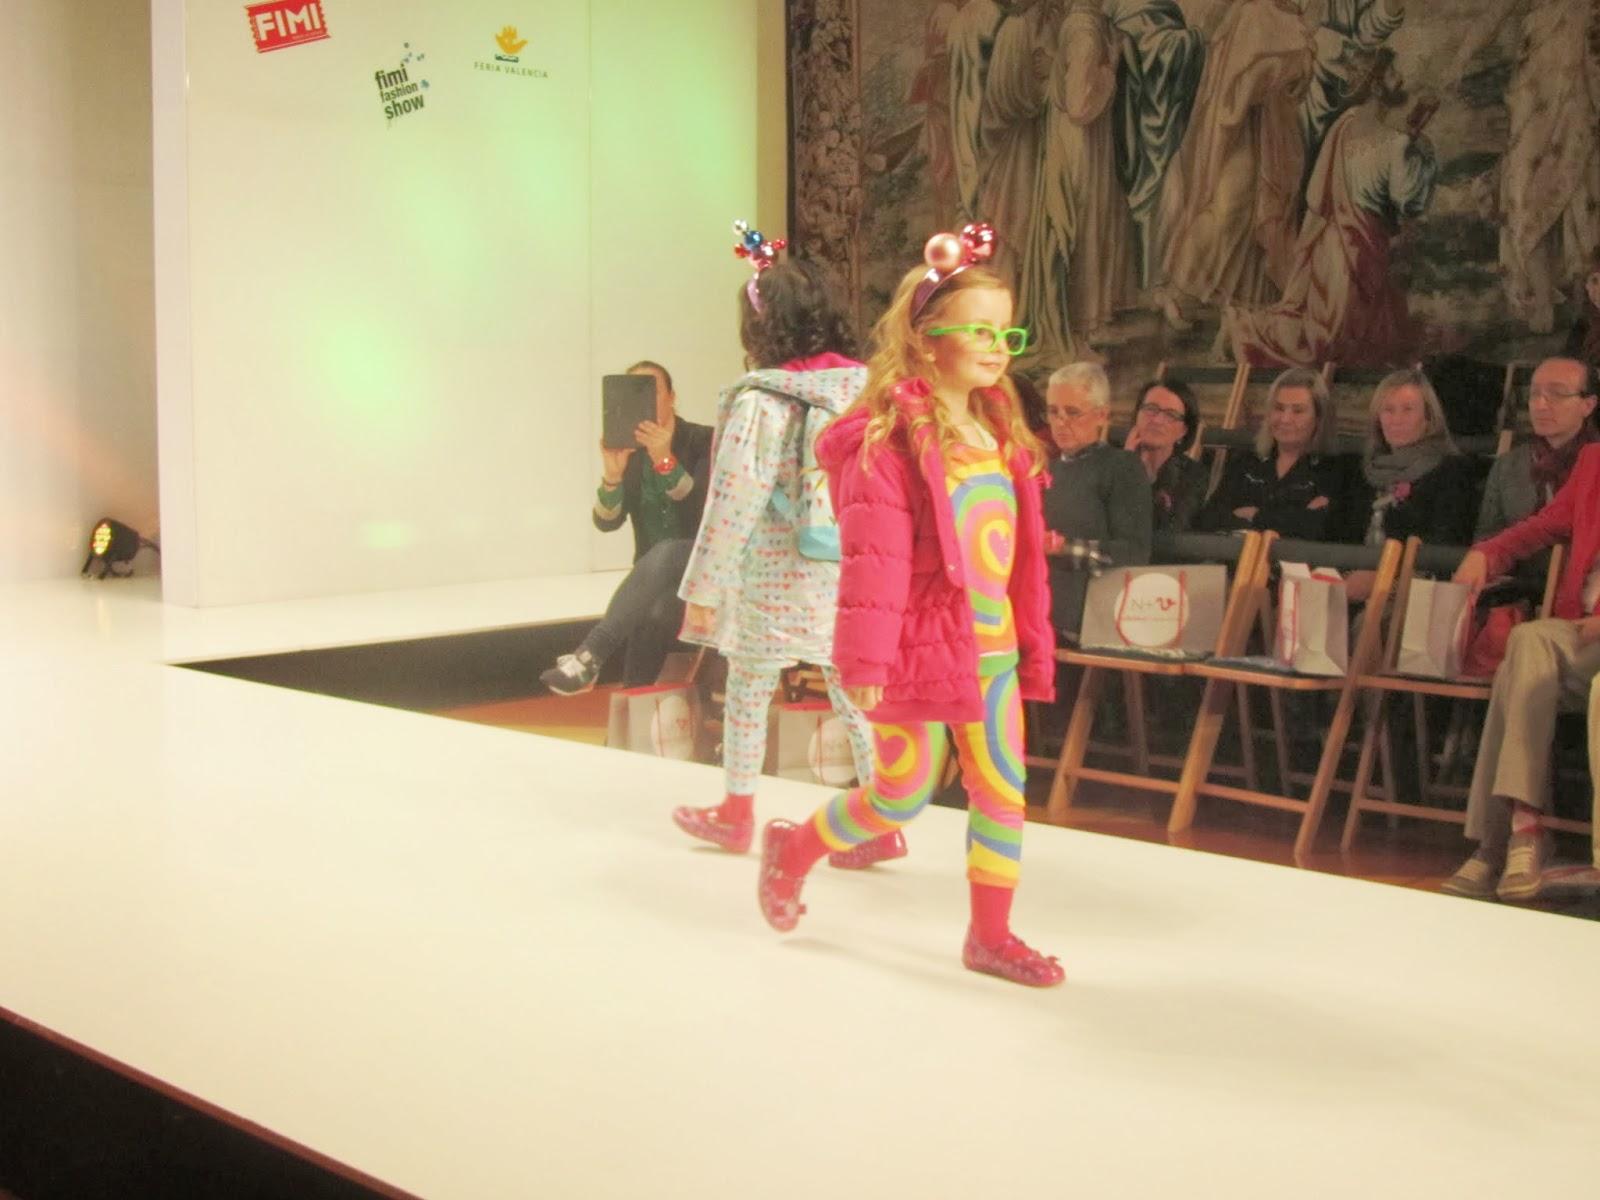 http://tienda.garvalin.com/zapatos-agatha-ruiz-de-la-prada-invierno.html